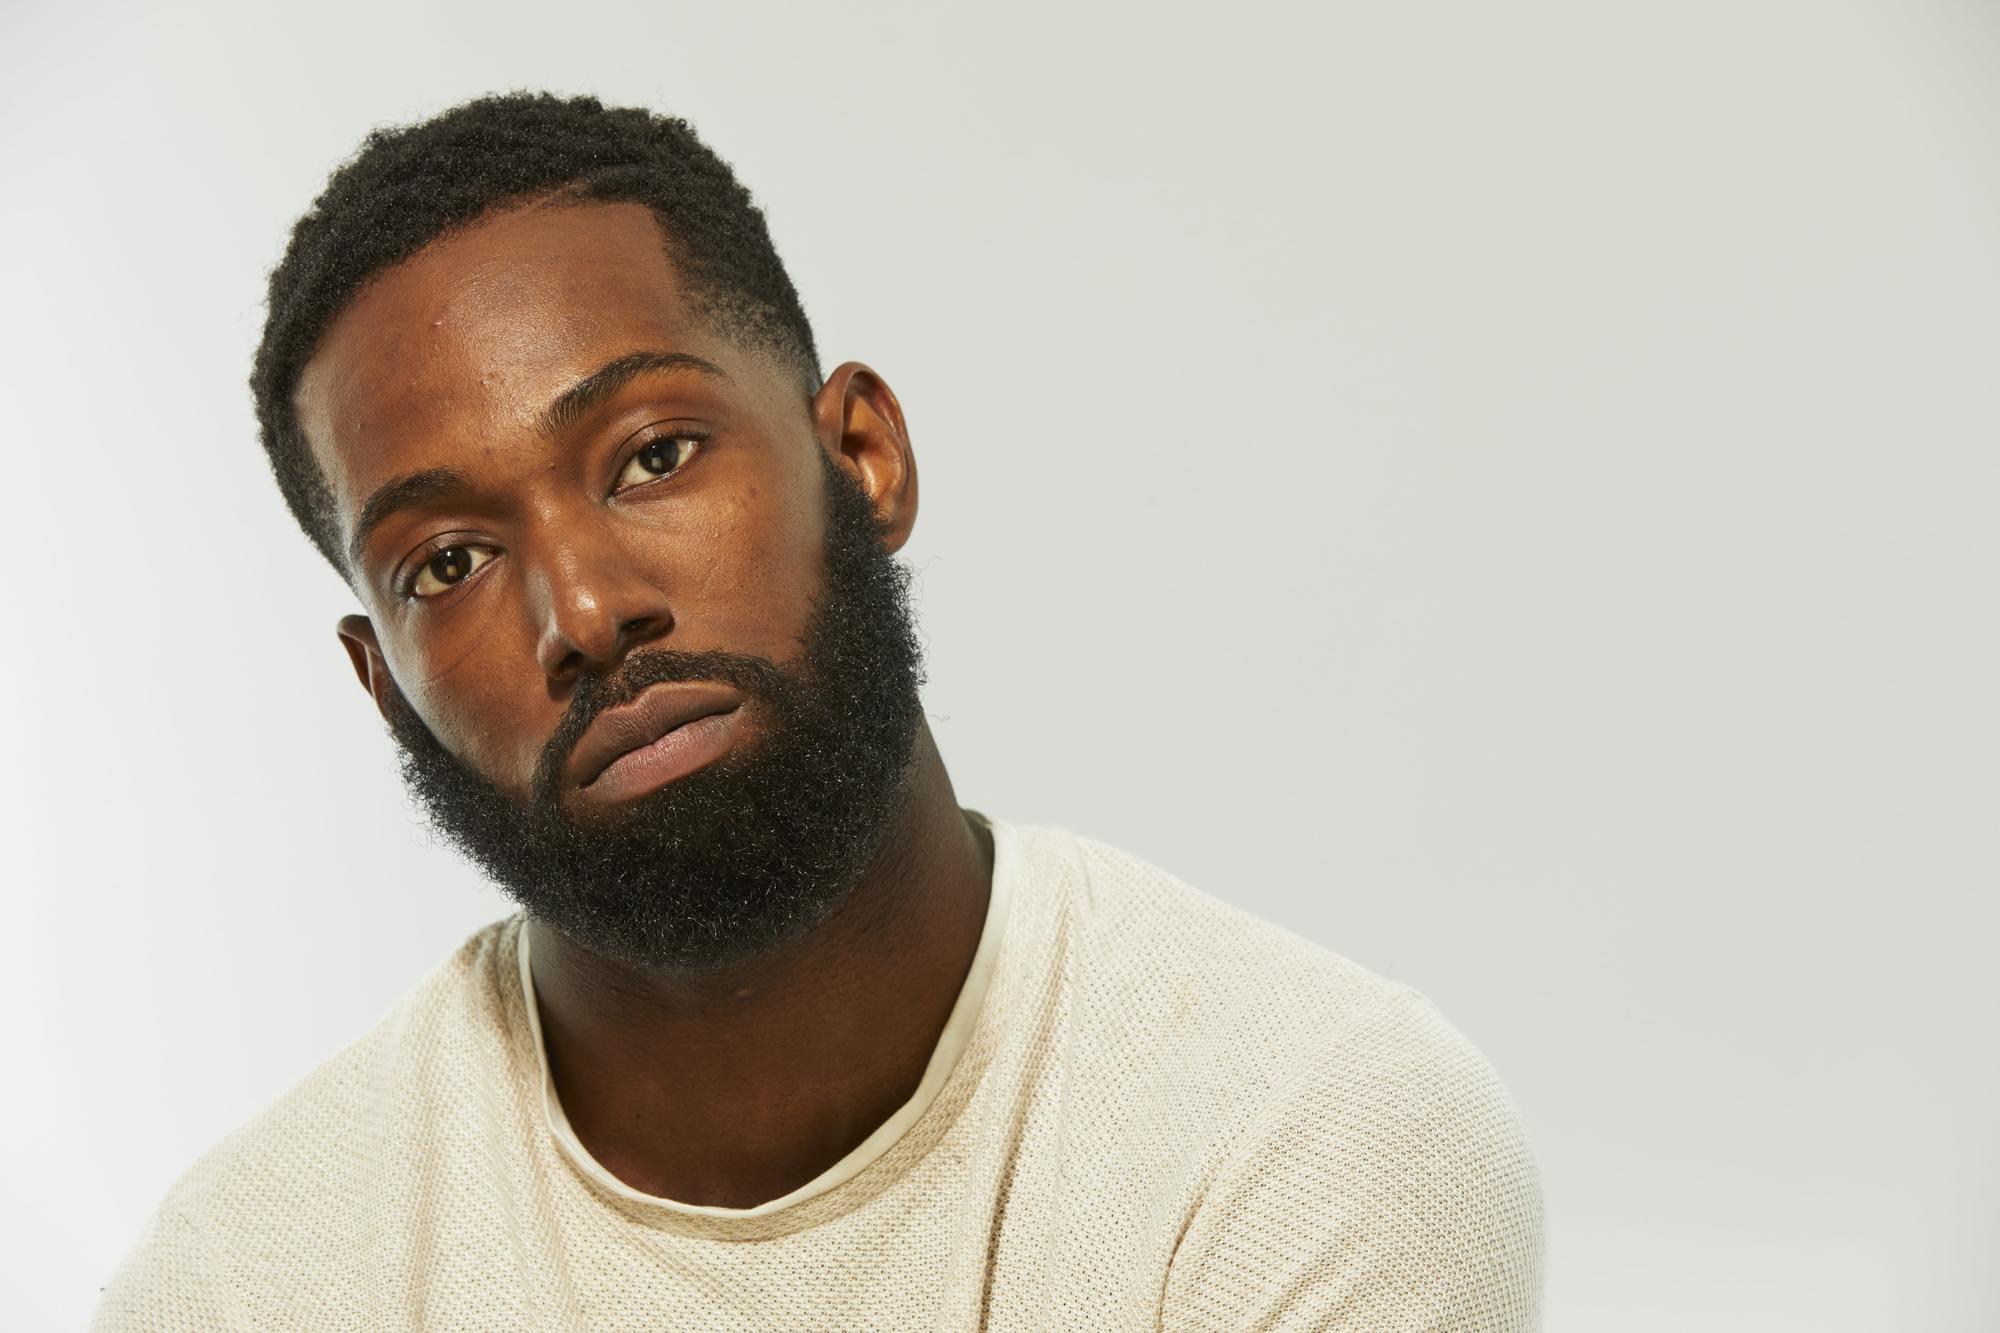 homme noir avec barbe